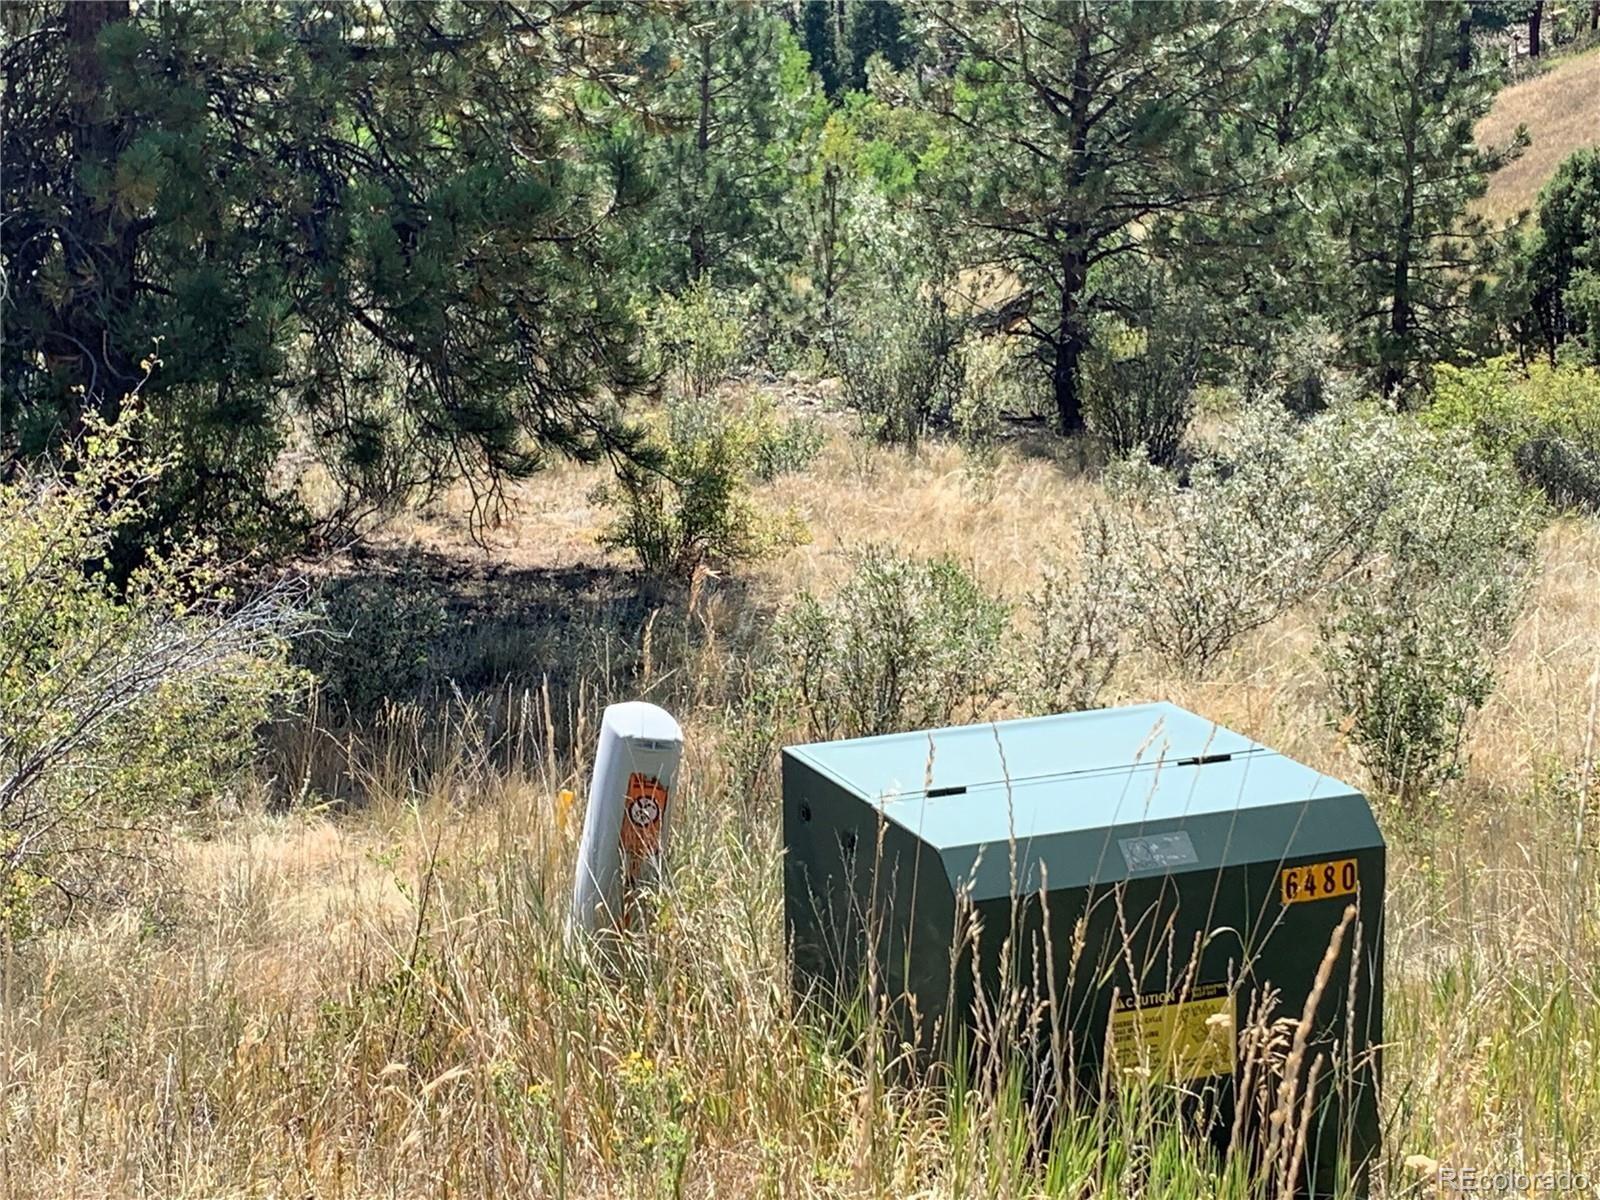 MLS# 9262084 - 13 - 14714 Wetterhorn Peak Trail, Pine, CO 80470